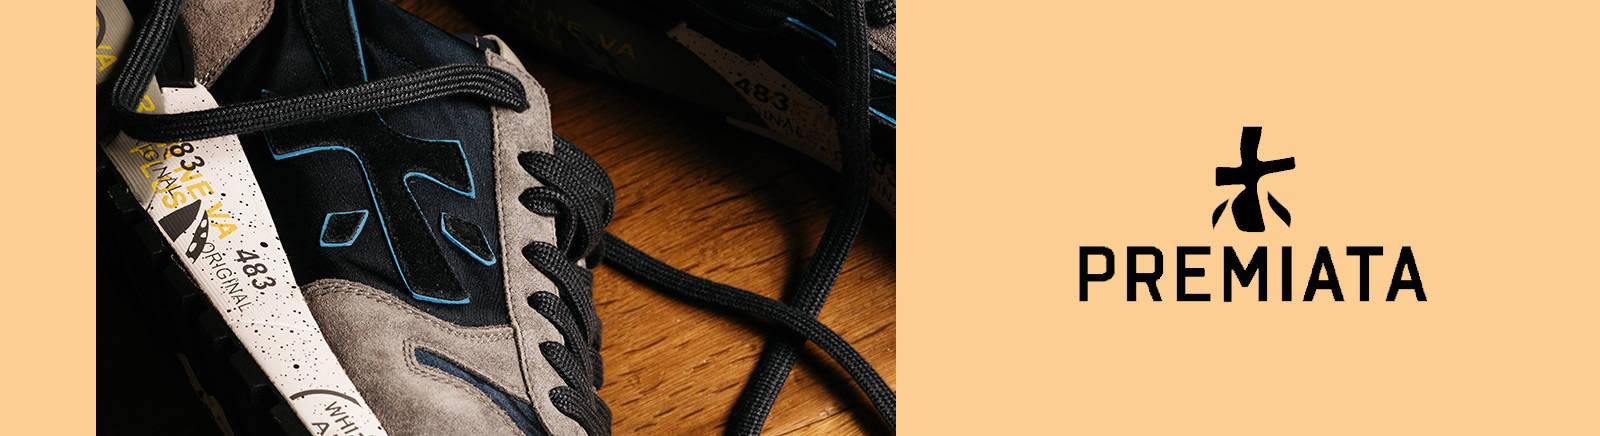 Premiata Schuhe für Herren online bestellen im Juppen Shop